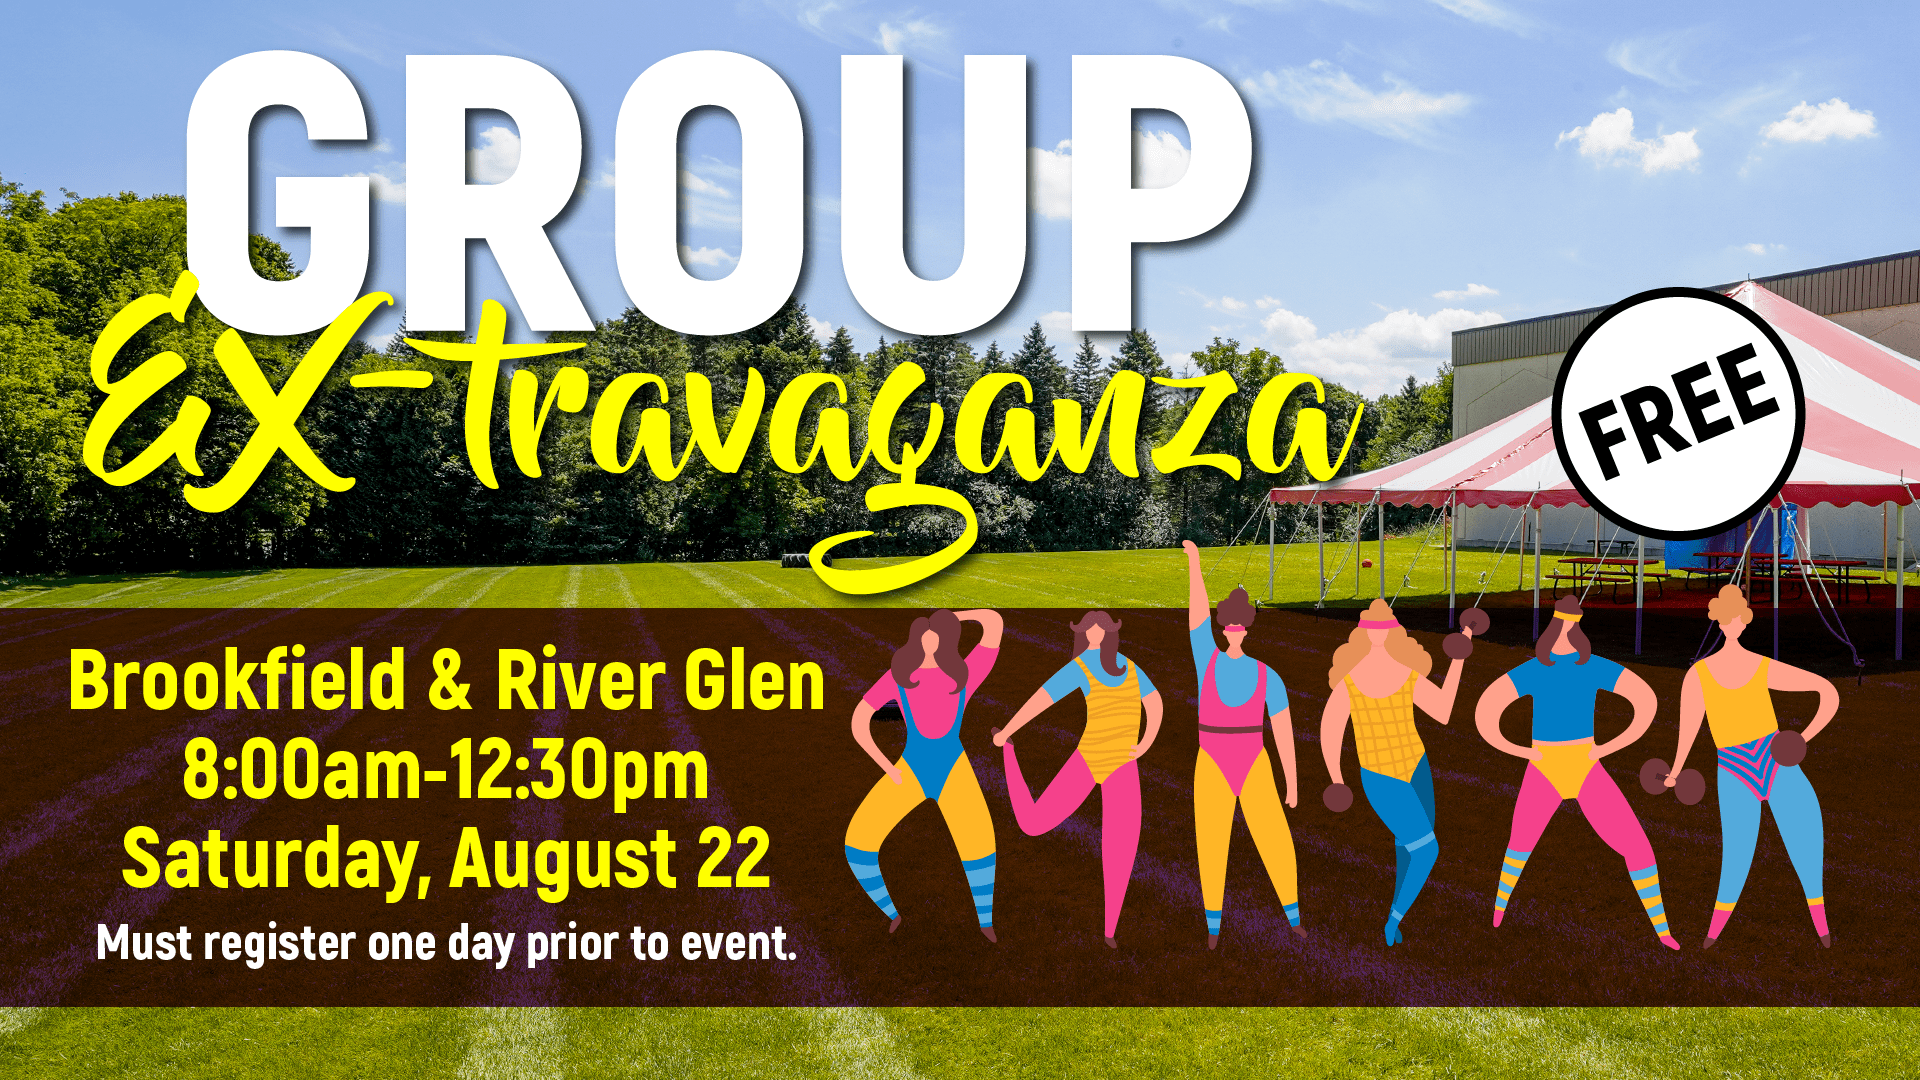 Group Ex-travaganza - Elite River Glen and Brookfield - August 2020